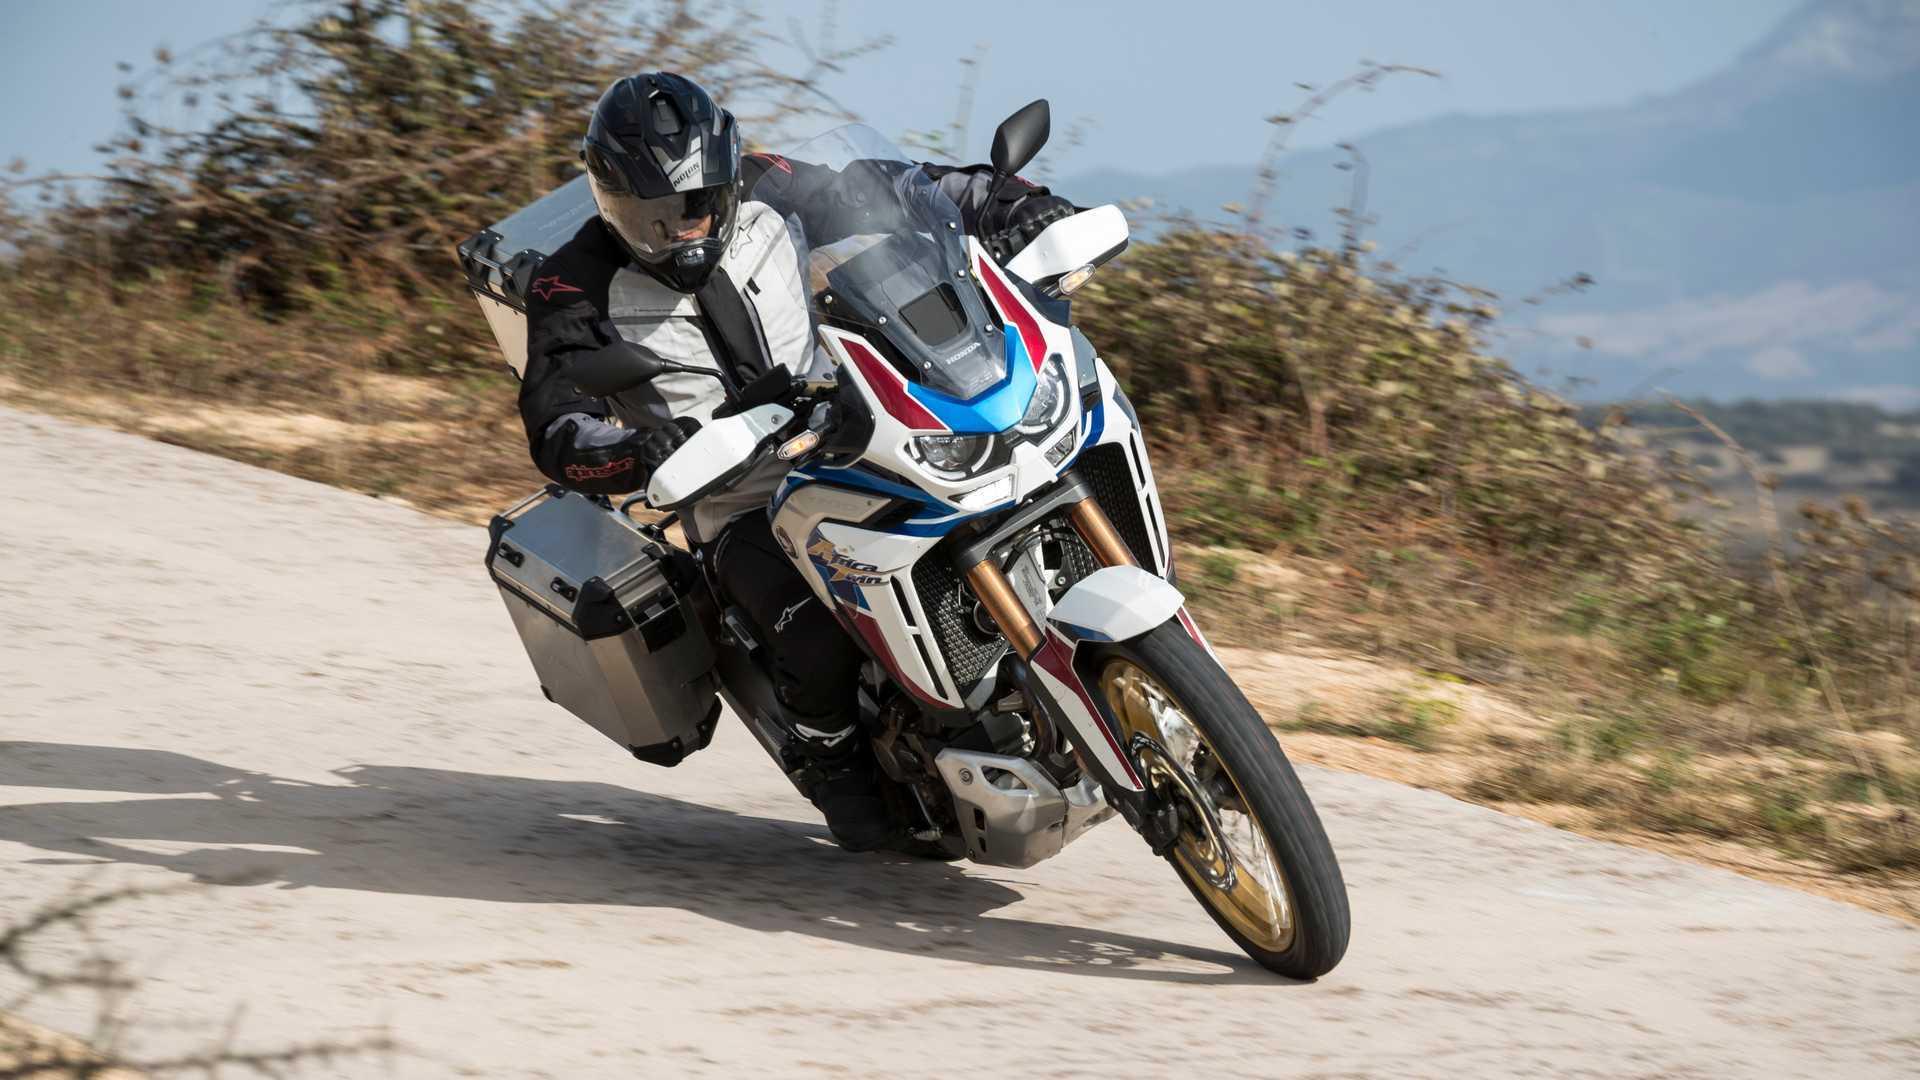 9月份意大利摩托车销量公布 Benagli TRK50